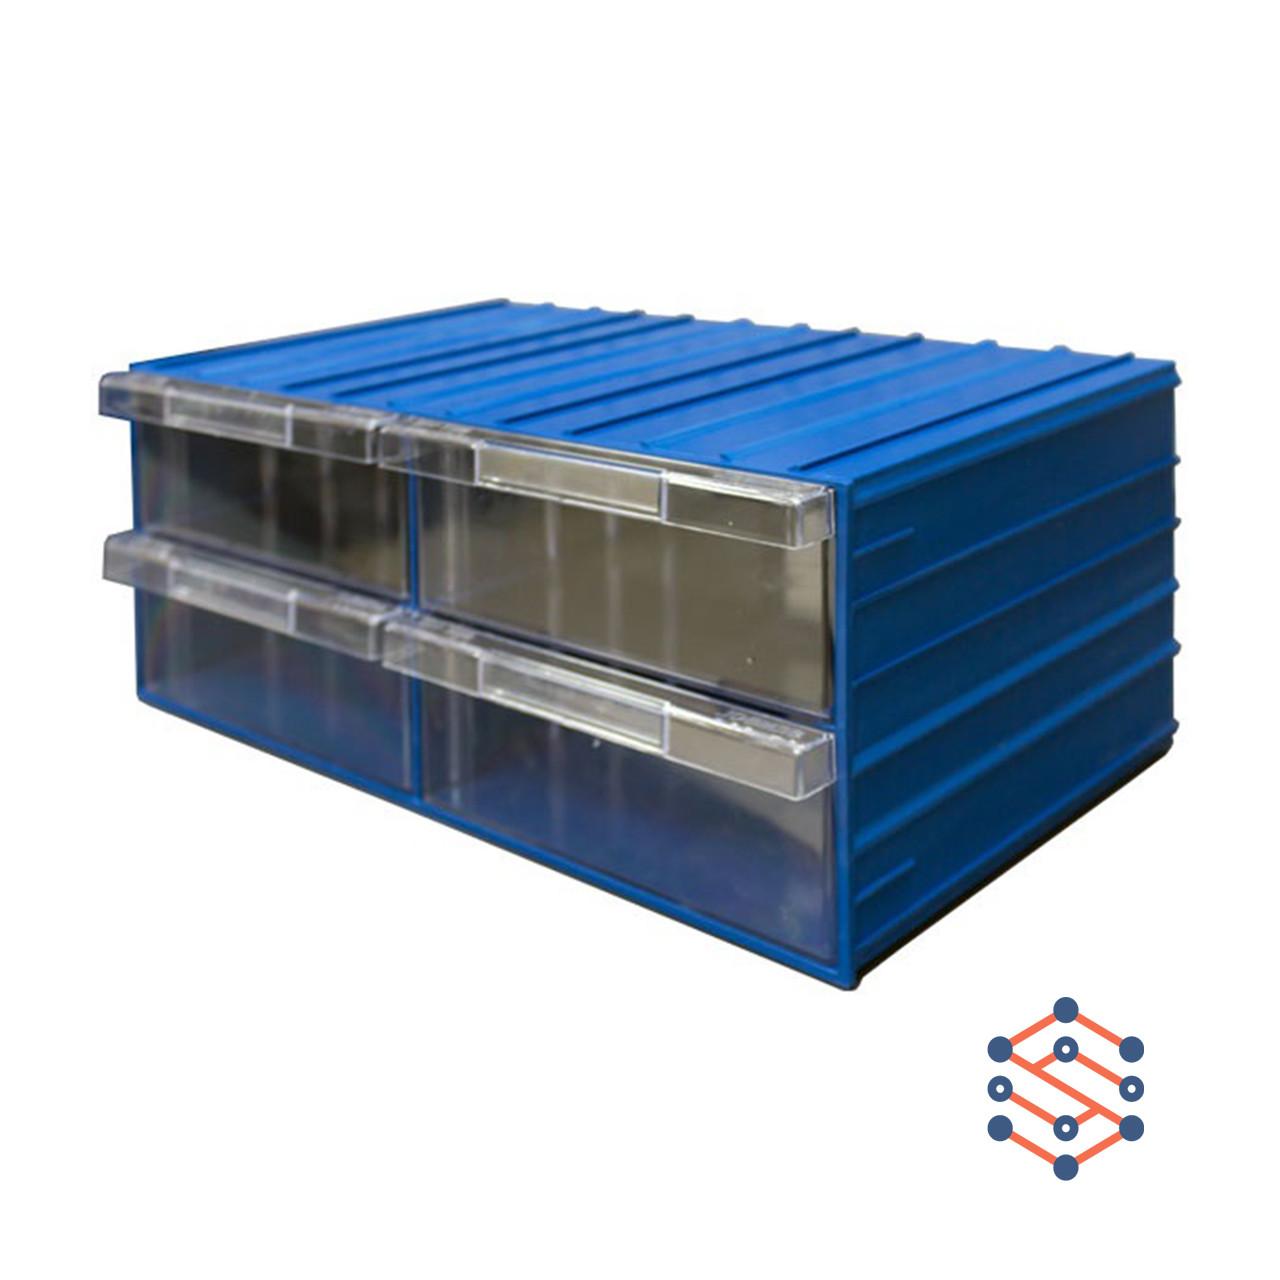 Модульный выдвижной лоток с 4 ящиками 370х204х160 мм